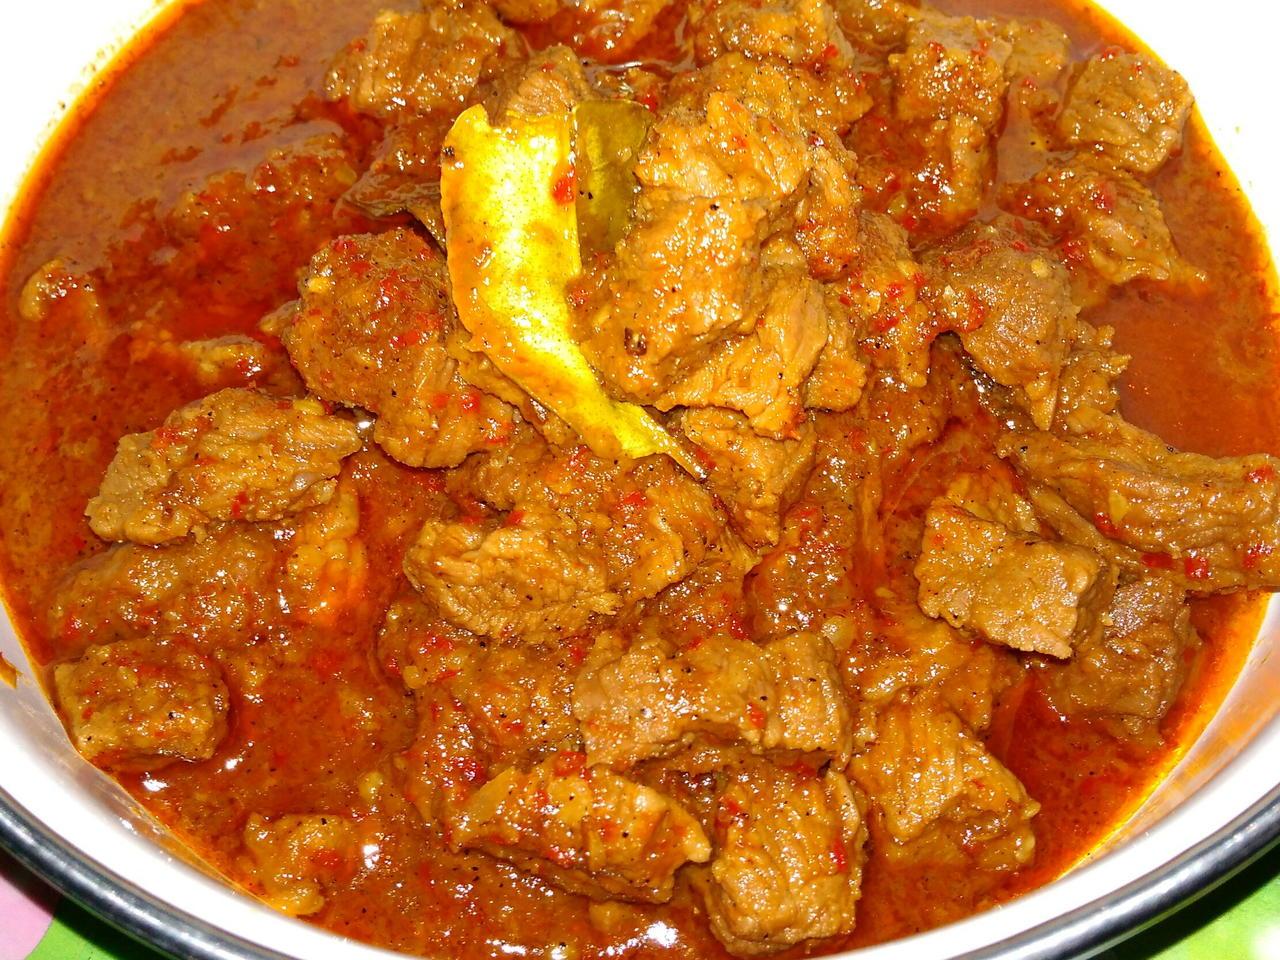 Resep Semur Daging Sapi Simple Oleh Dapur Craftlog